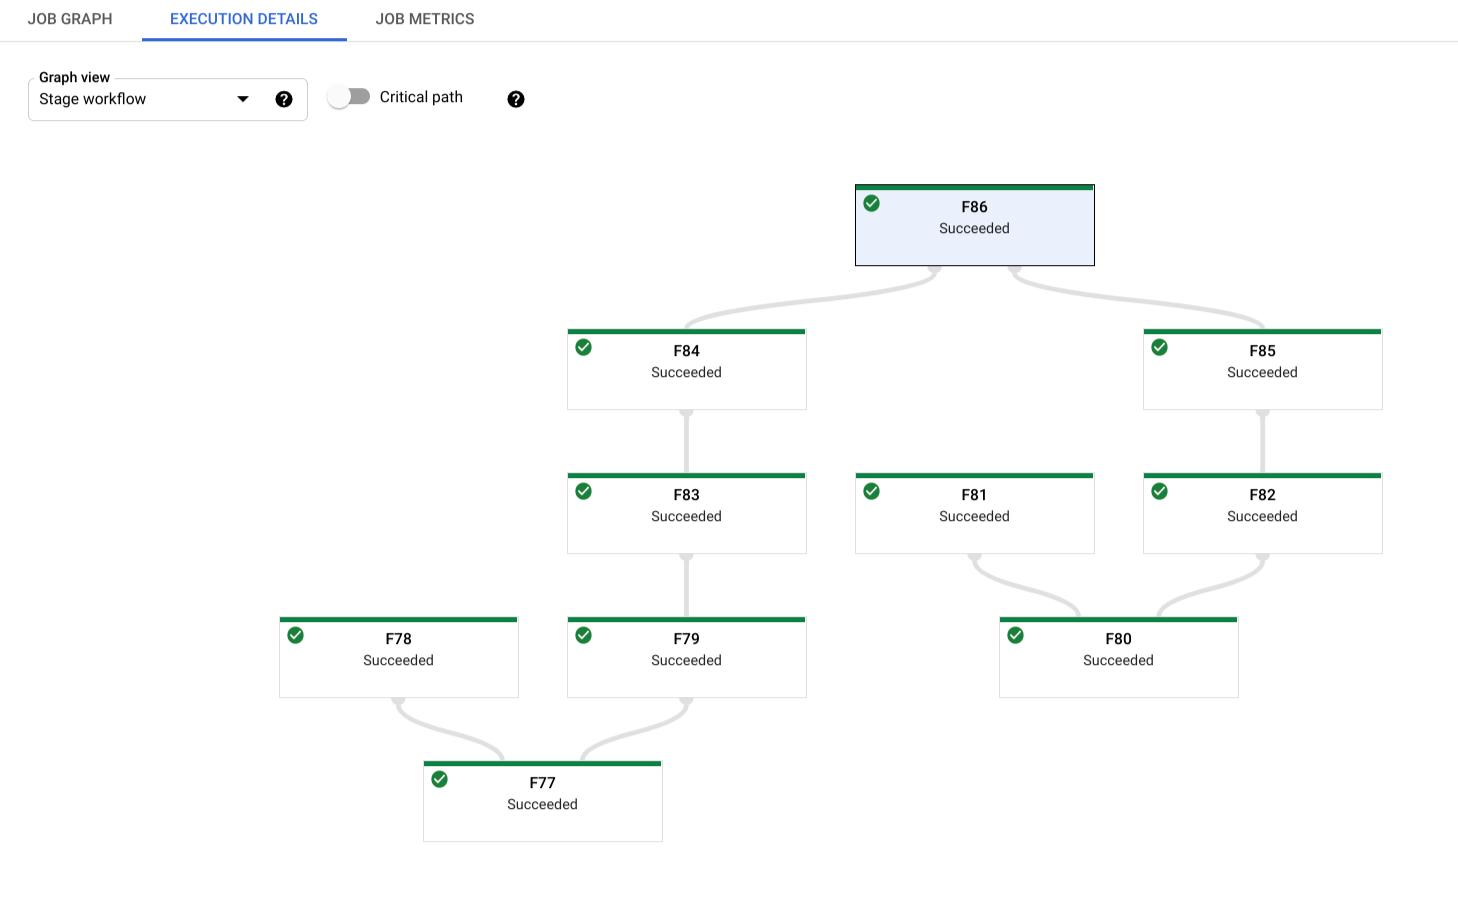 ステージのワークフロー ビューの例。ジョブのさまざまな実行ステージの階層が表示されます。